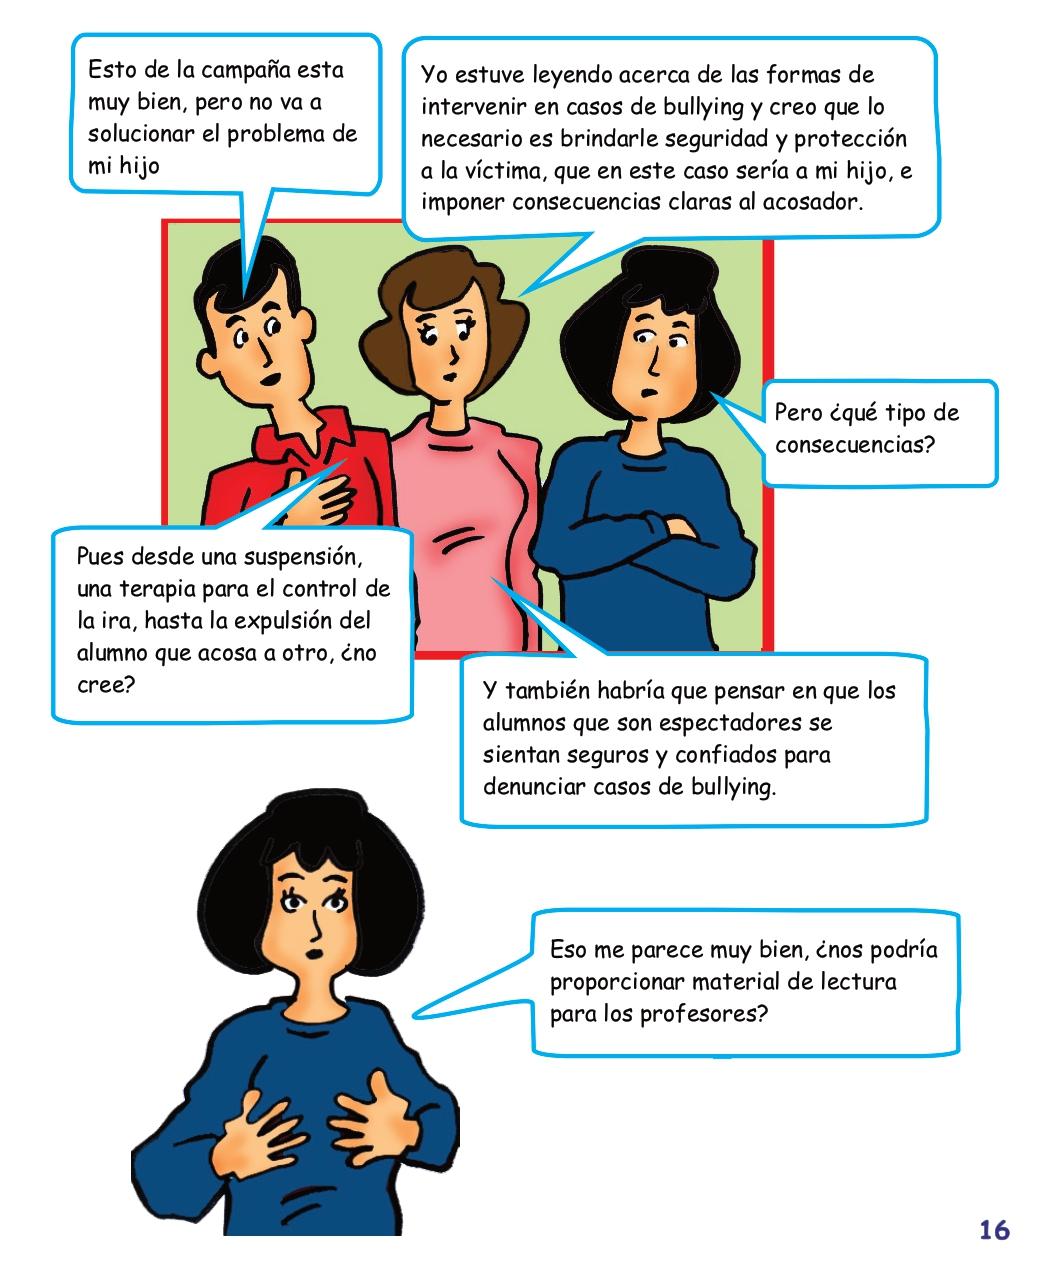 Psicología padres Reyhan cap3 digital_page-0019